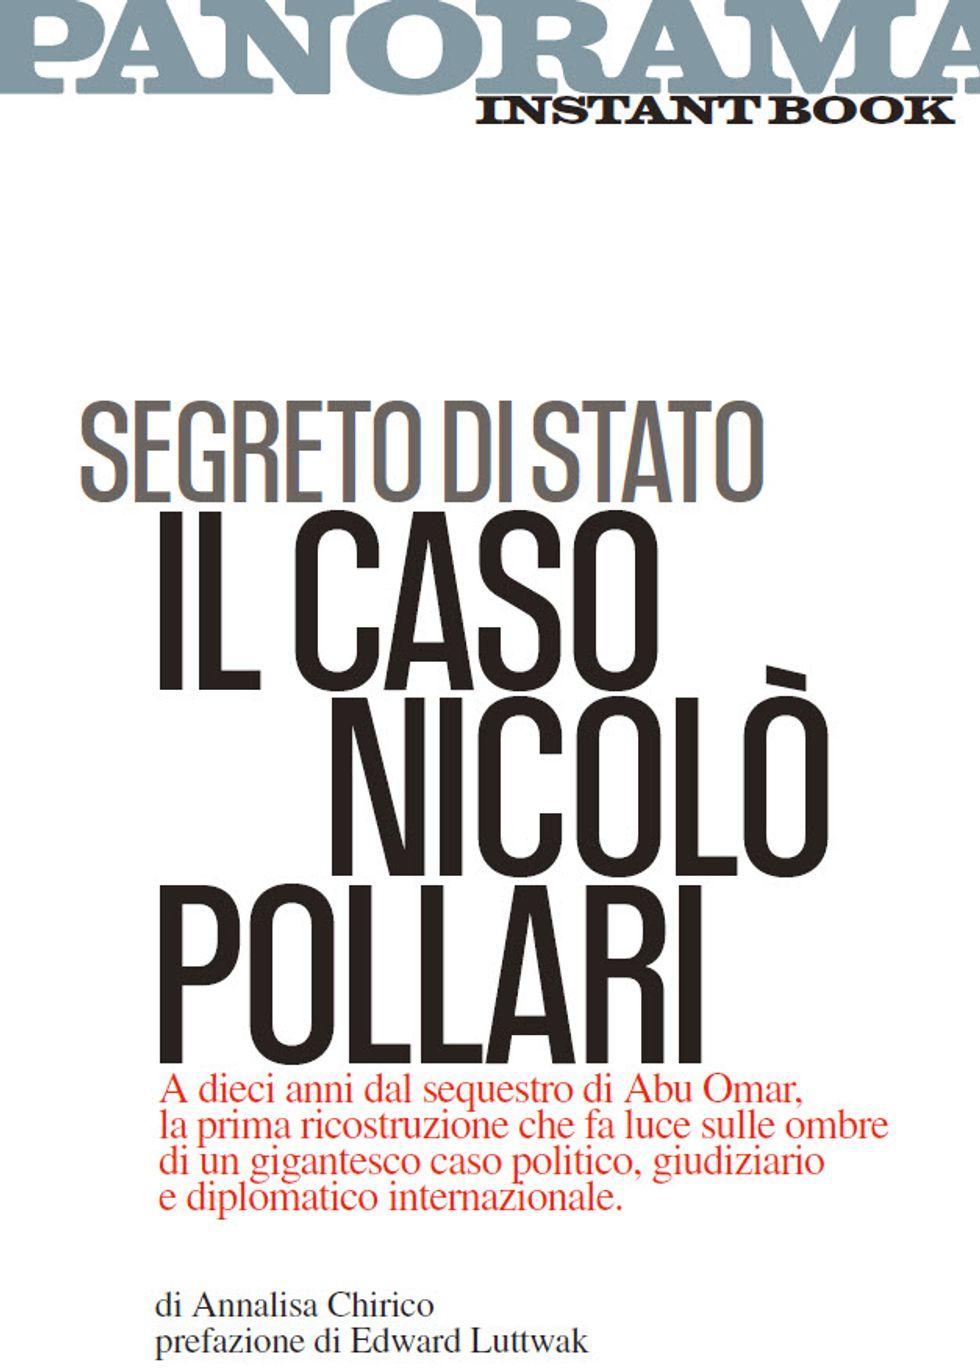 Segreto di Stato - Il caso Nicolò Pollari - Download